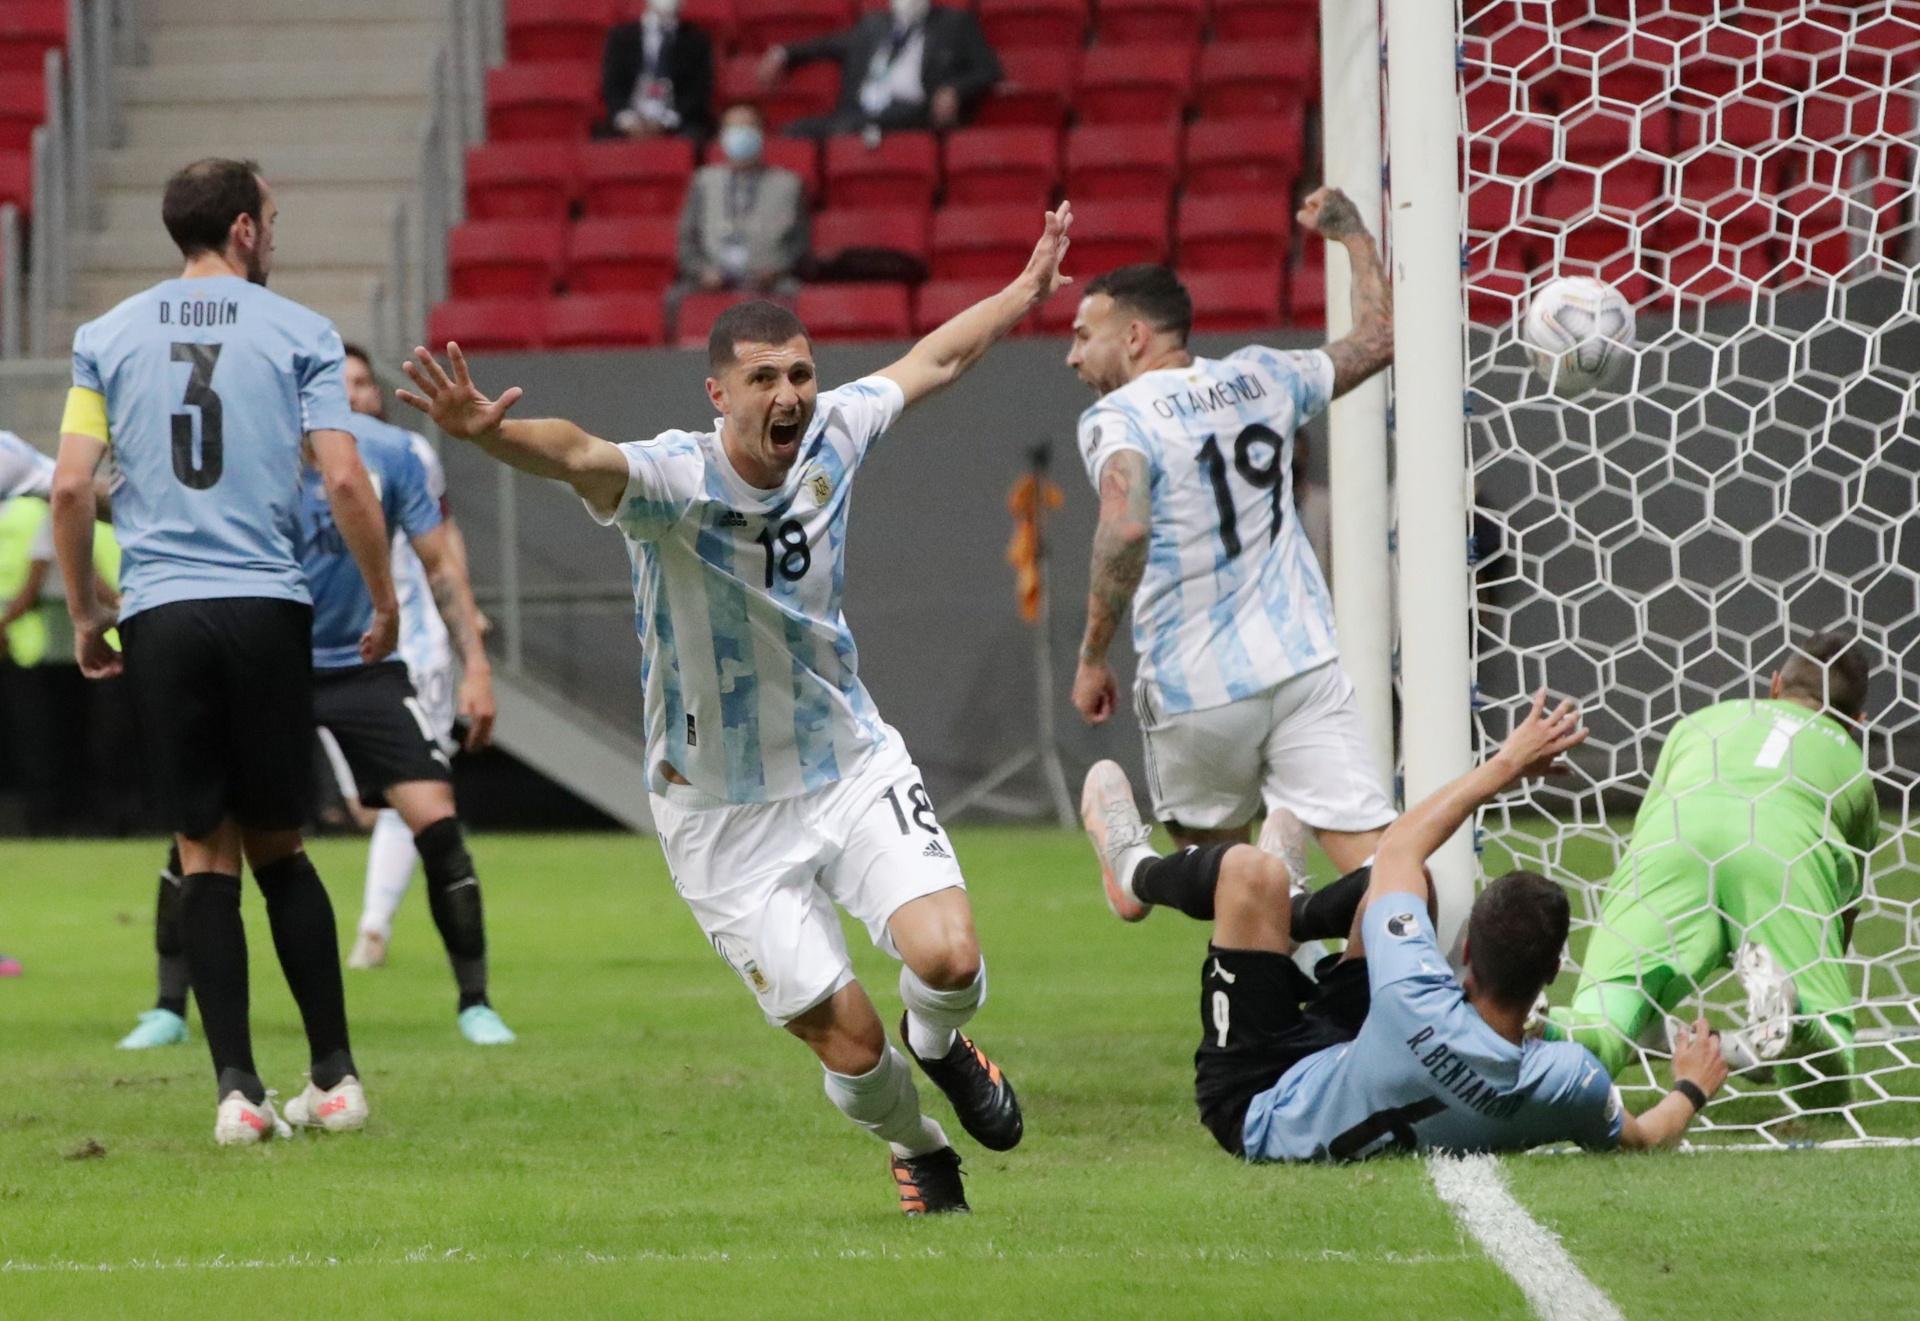 """Guido Rodriguez (หมายเลข 18) ทำประตูเดียวของเกม  ภาพถ่าย: """"CONMEBOL ."""""""